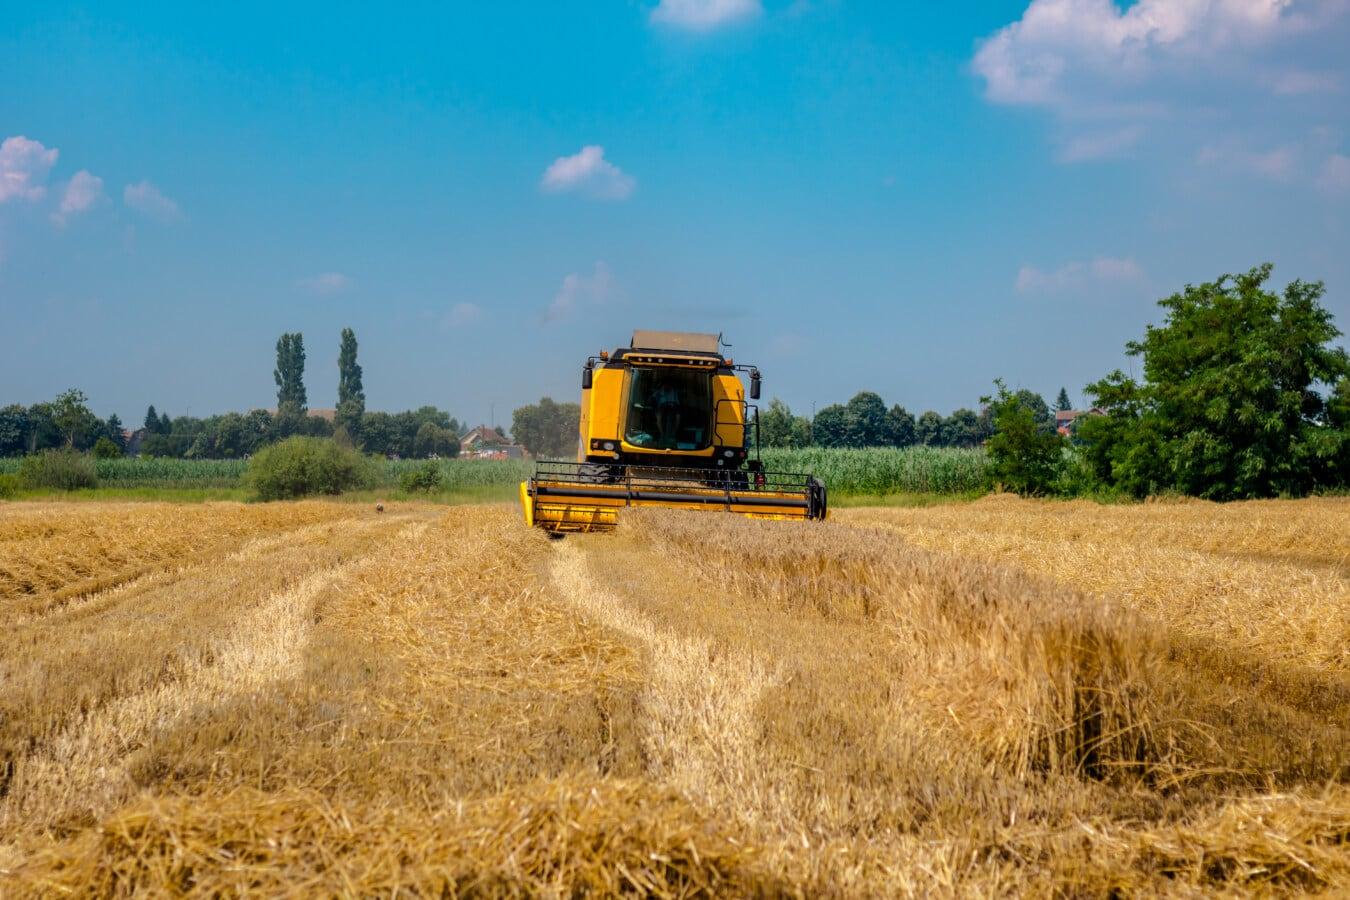 Fahrzeug, Harvester, Weizenfeld, Weizen, Landwirtschaft, Feld, Maschine, des ländlichen Raums, Bauernhof, Stroh